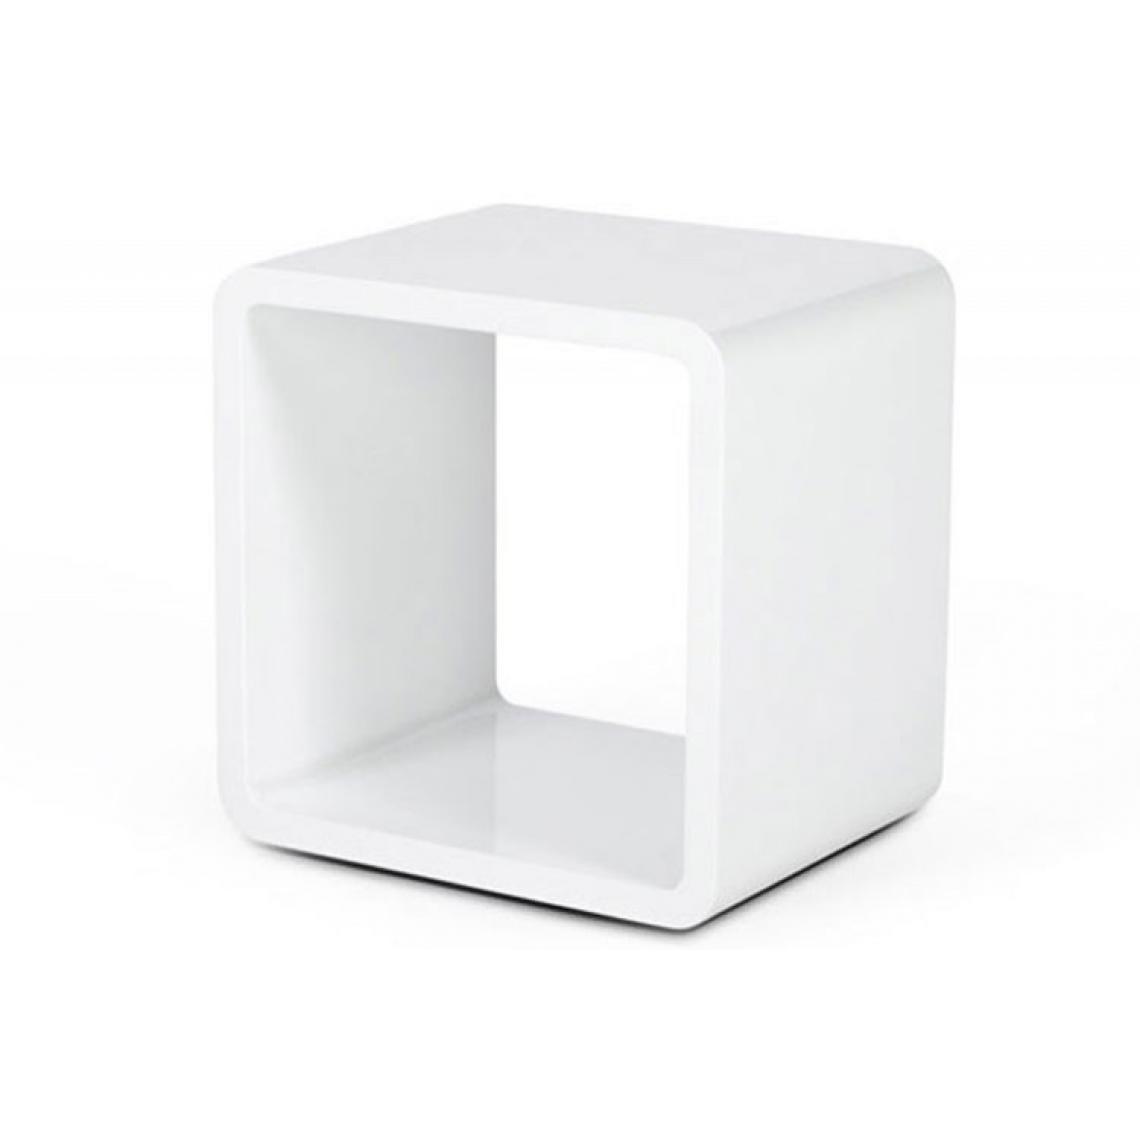 Table de Chevet Design Cube Blanc Laqué | 3 SUISSES